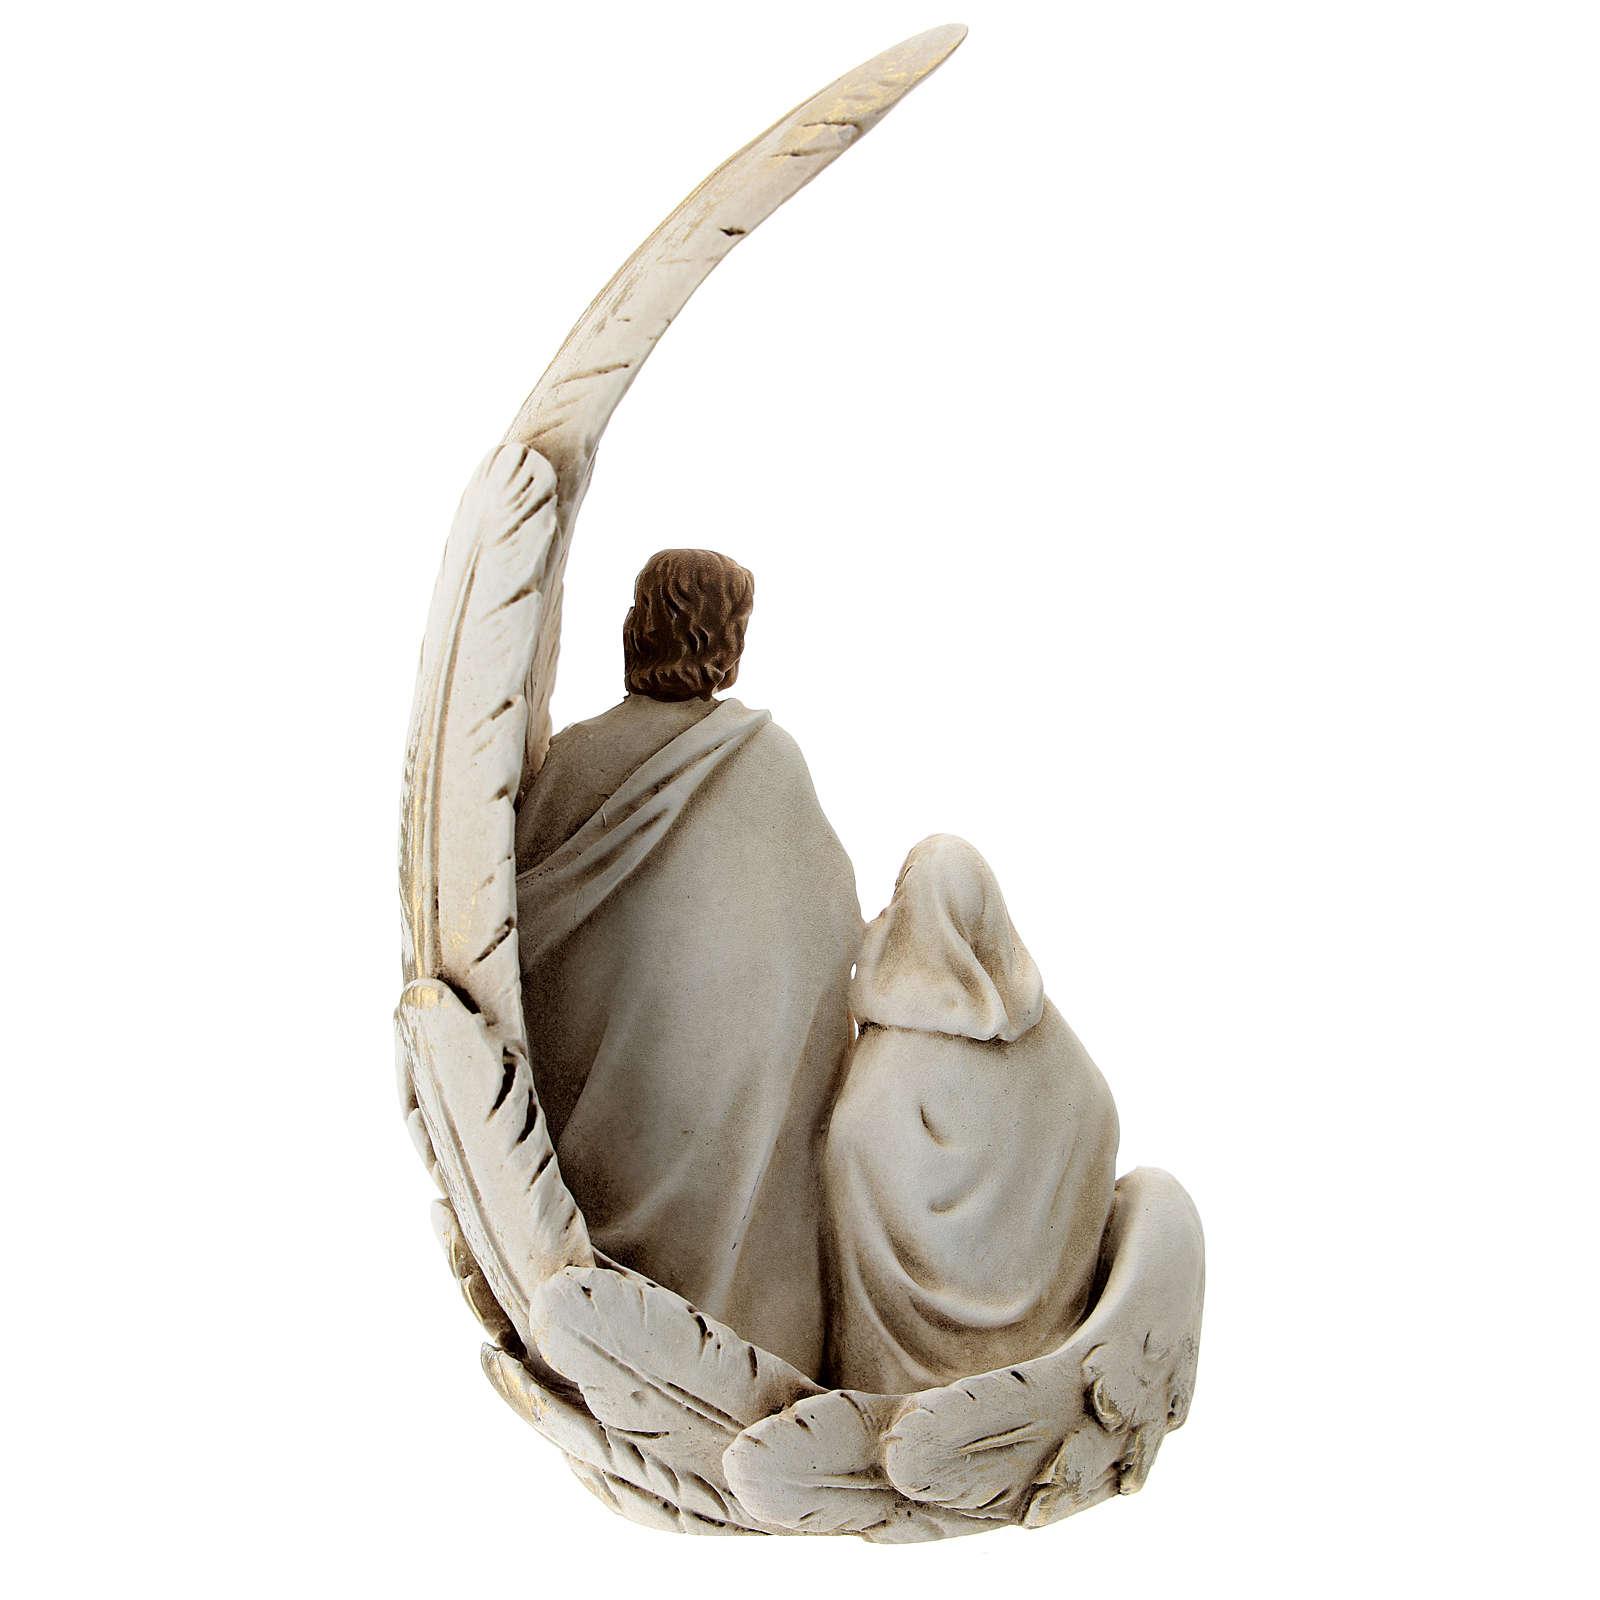 Natividad con ala matices dorados resina 15 cm 3